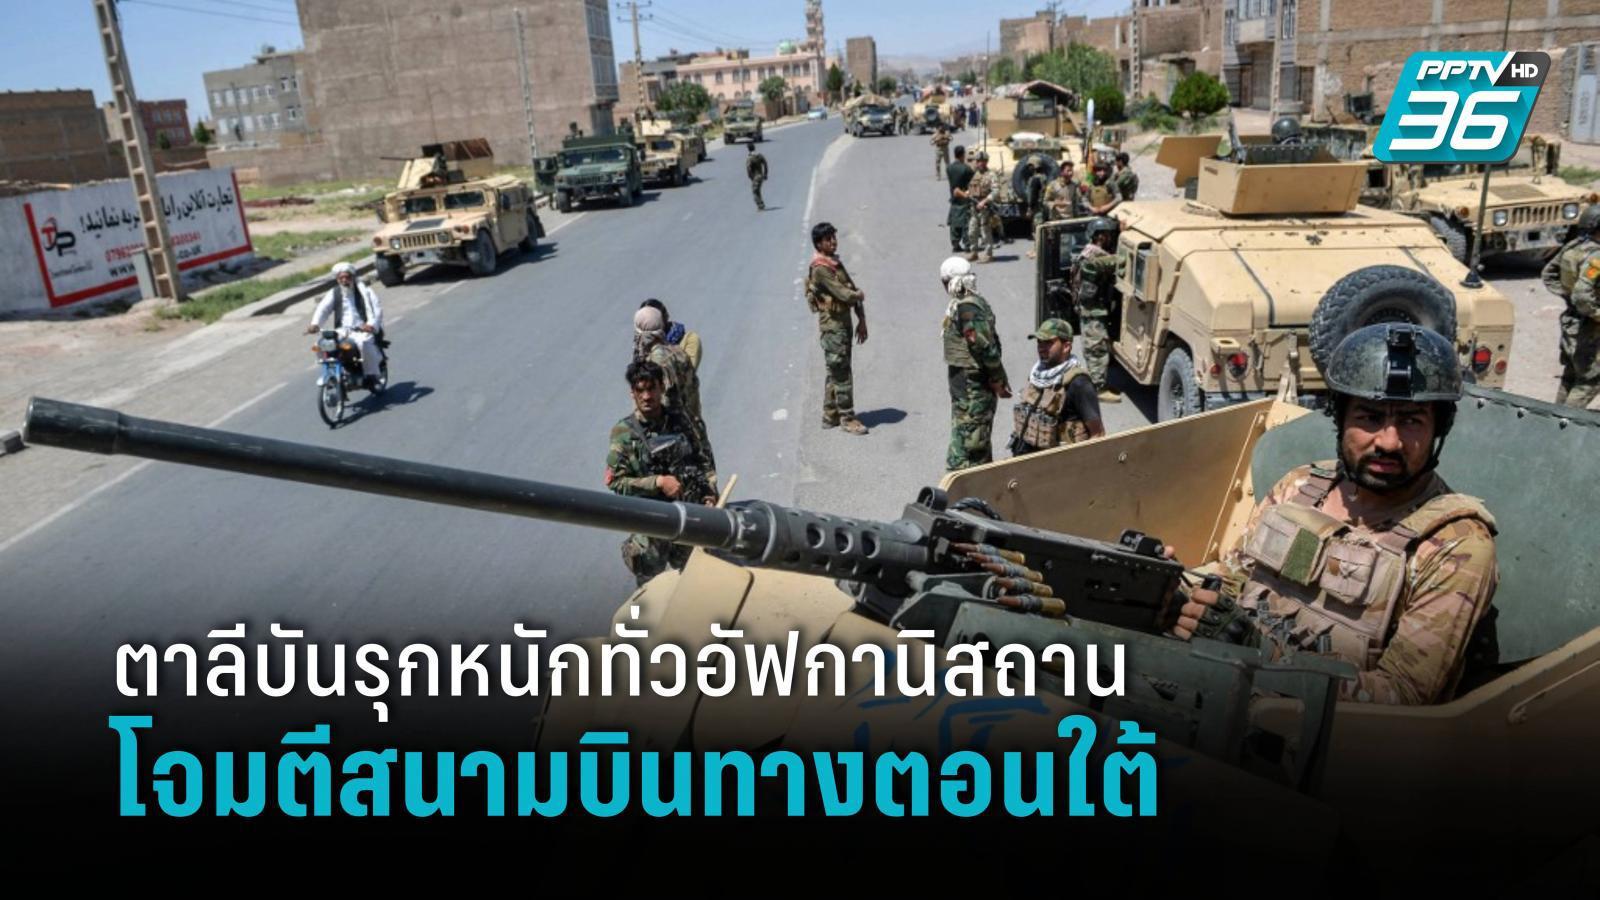 ตาลีบันรุกหนักทั่วอัฟกานิสถาน ยิงจรวดโจมตีสนามบินทางตอนใต้